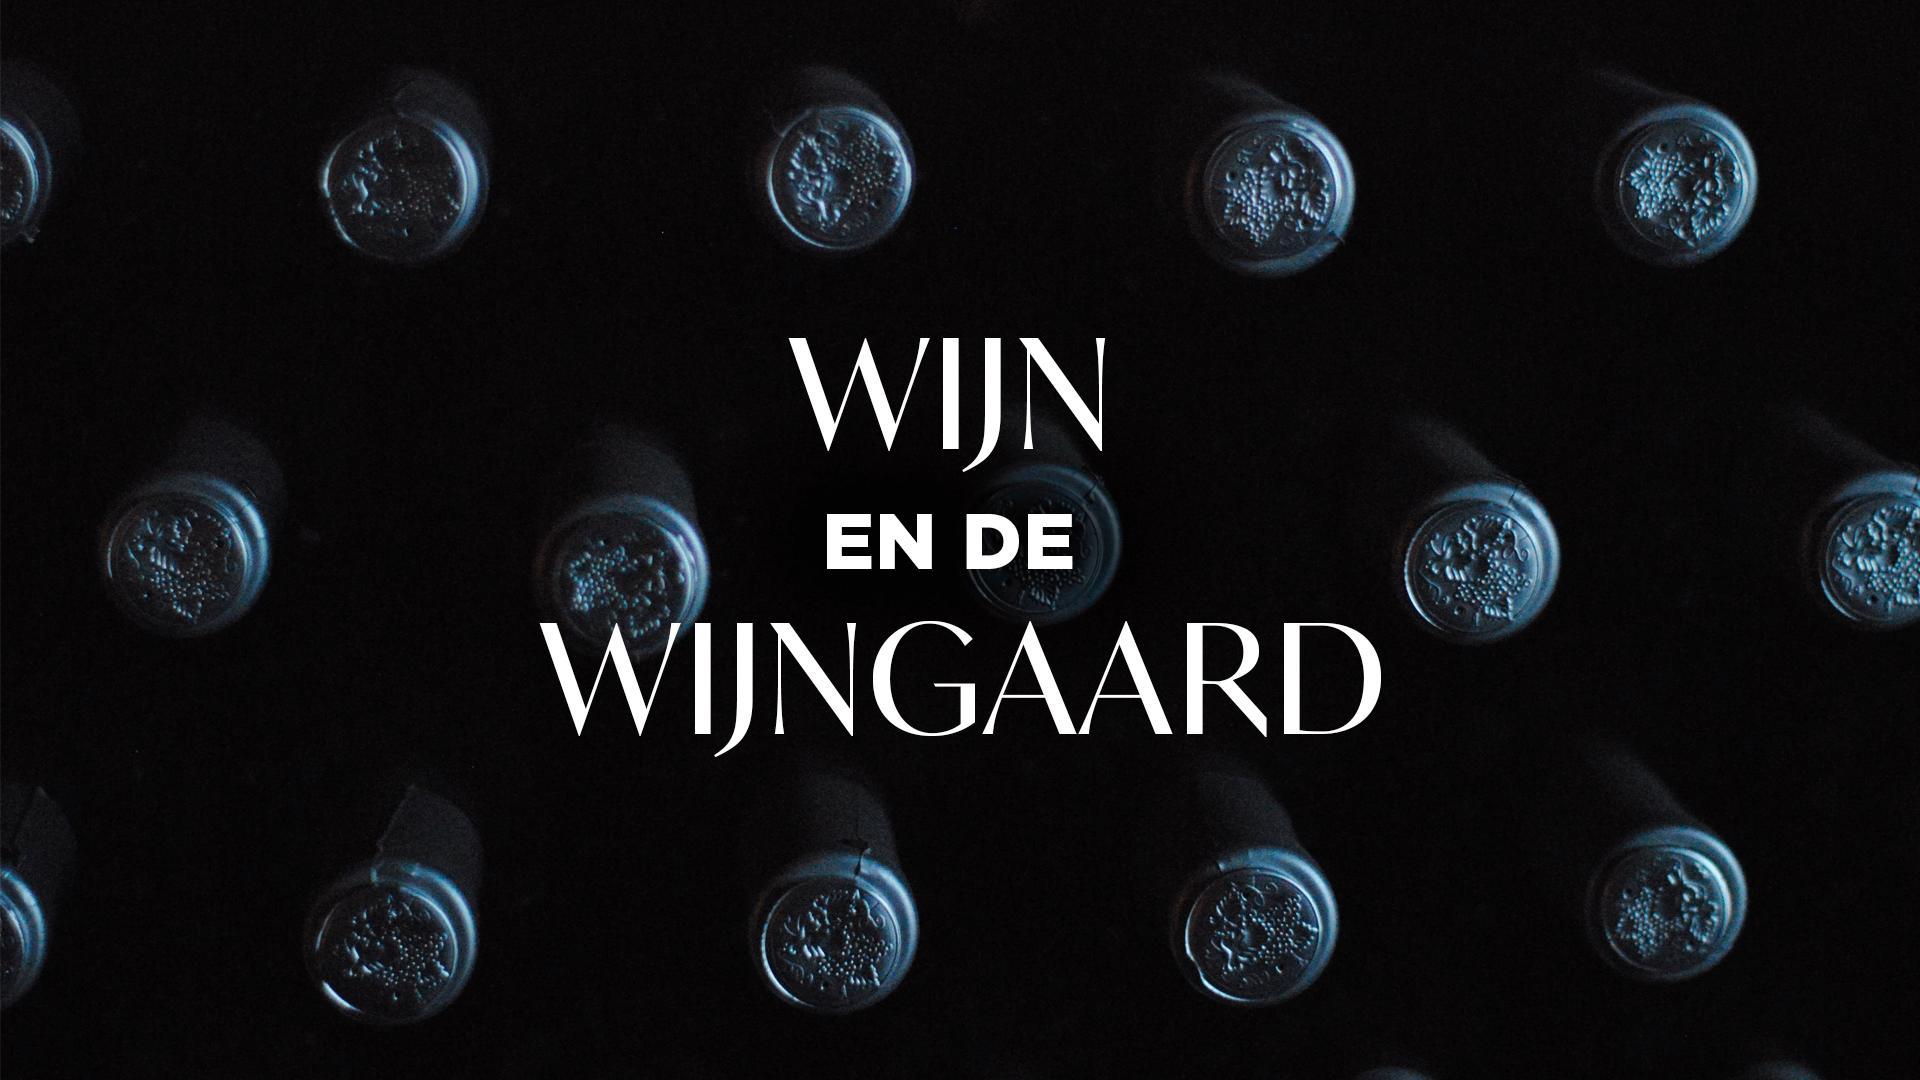 Bekijk de preek van David Schijve over Wijn en de Wijngaard